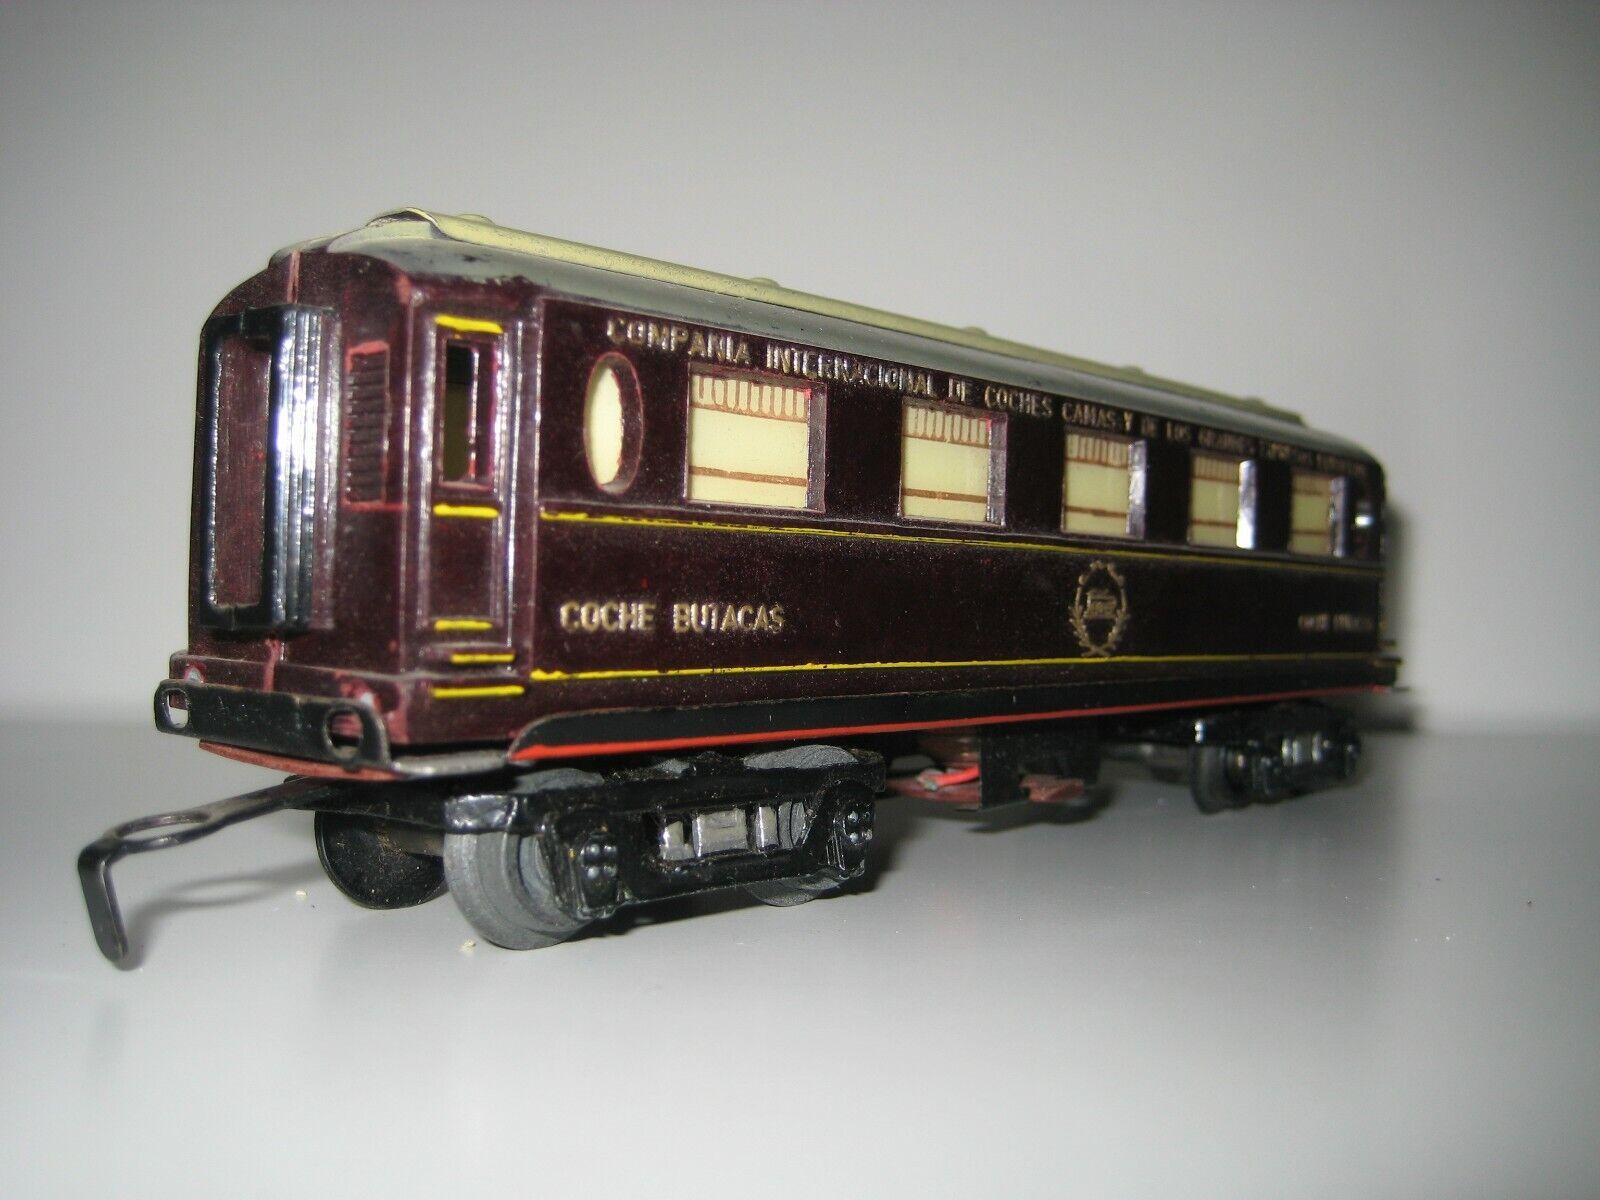 Vagon artesanal de latón H0 - Coche butacas de la Compañía Internacional de Coch